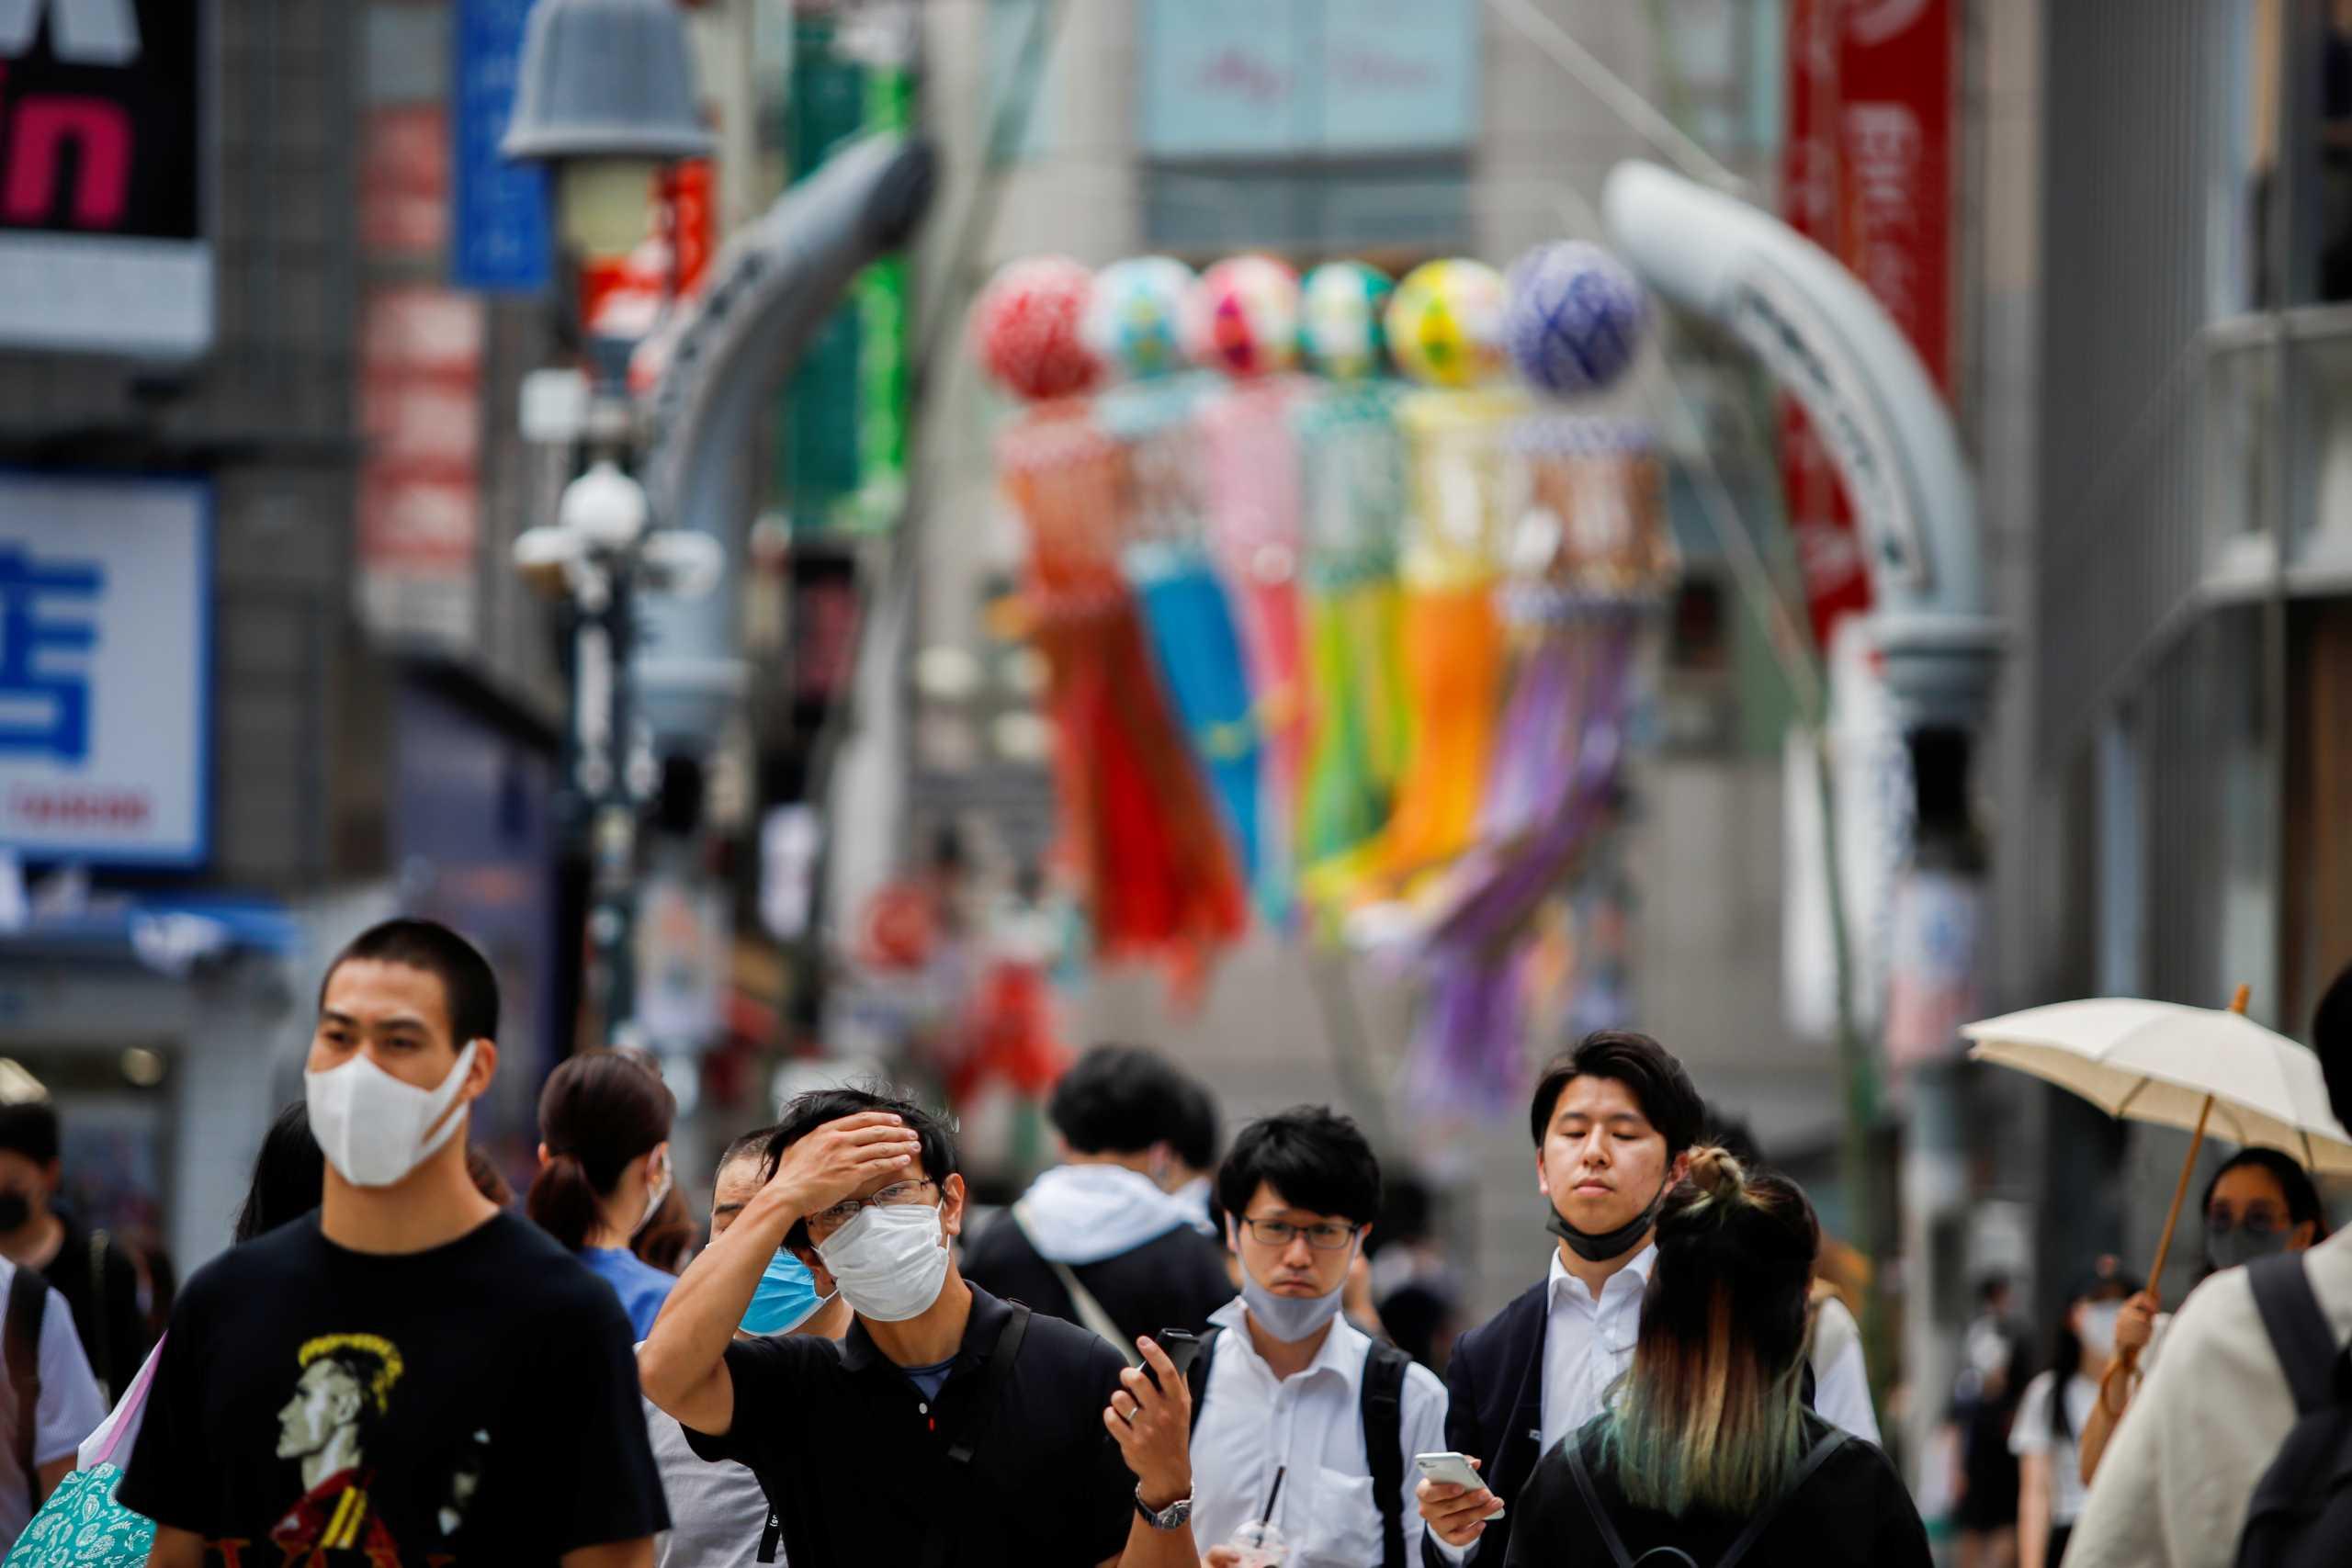 Ιαπωνία – κορονοϊός: Νέο ρεκόρ κρουσμάτων στο Τόκιο